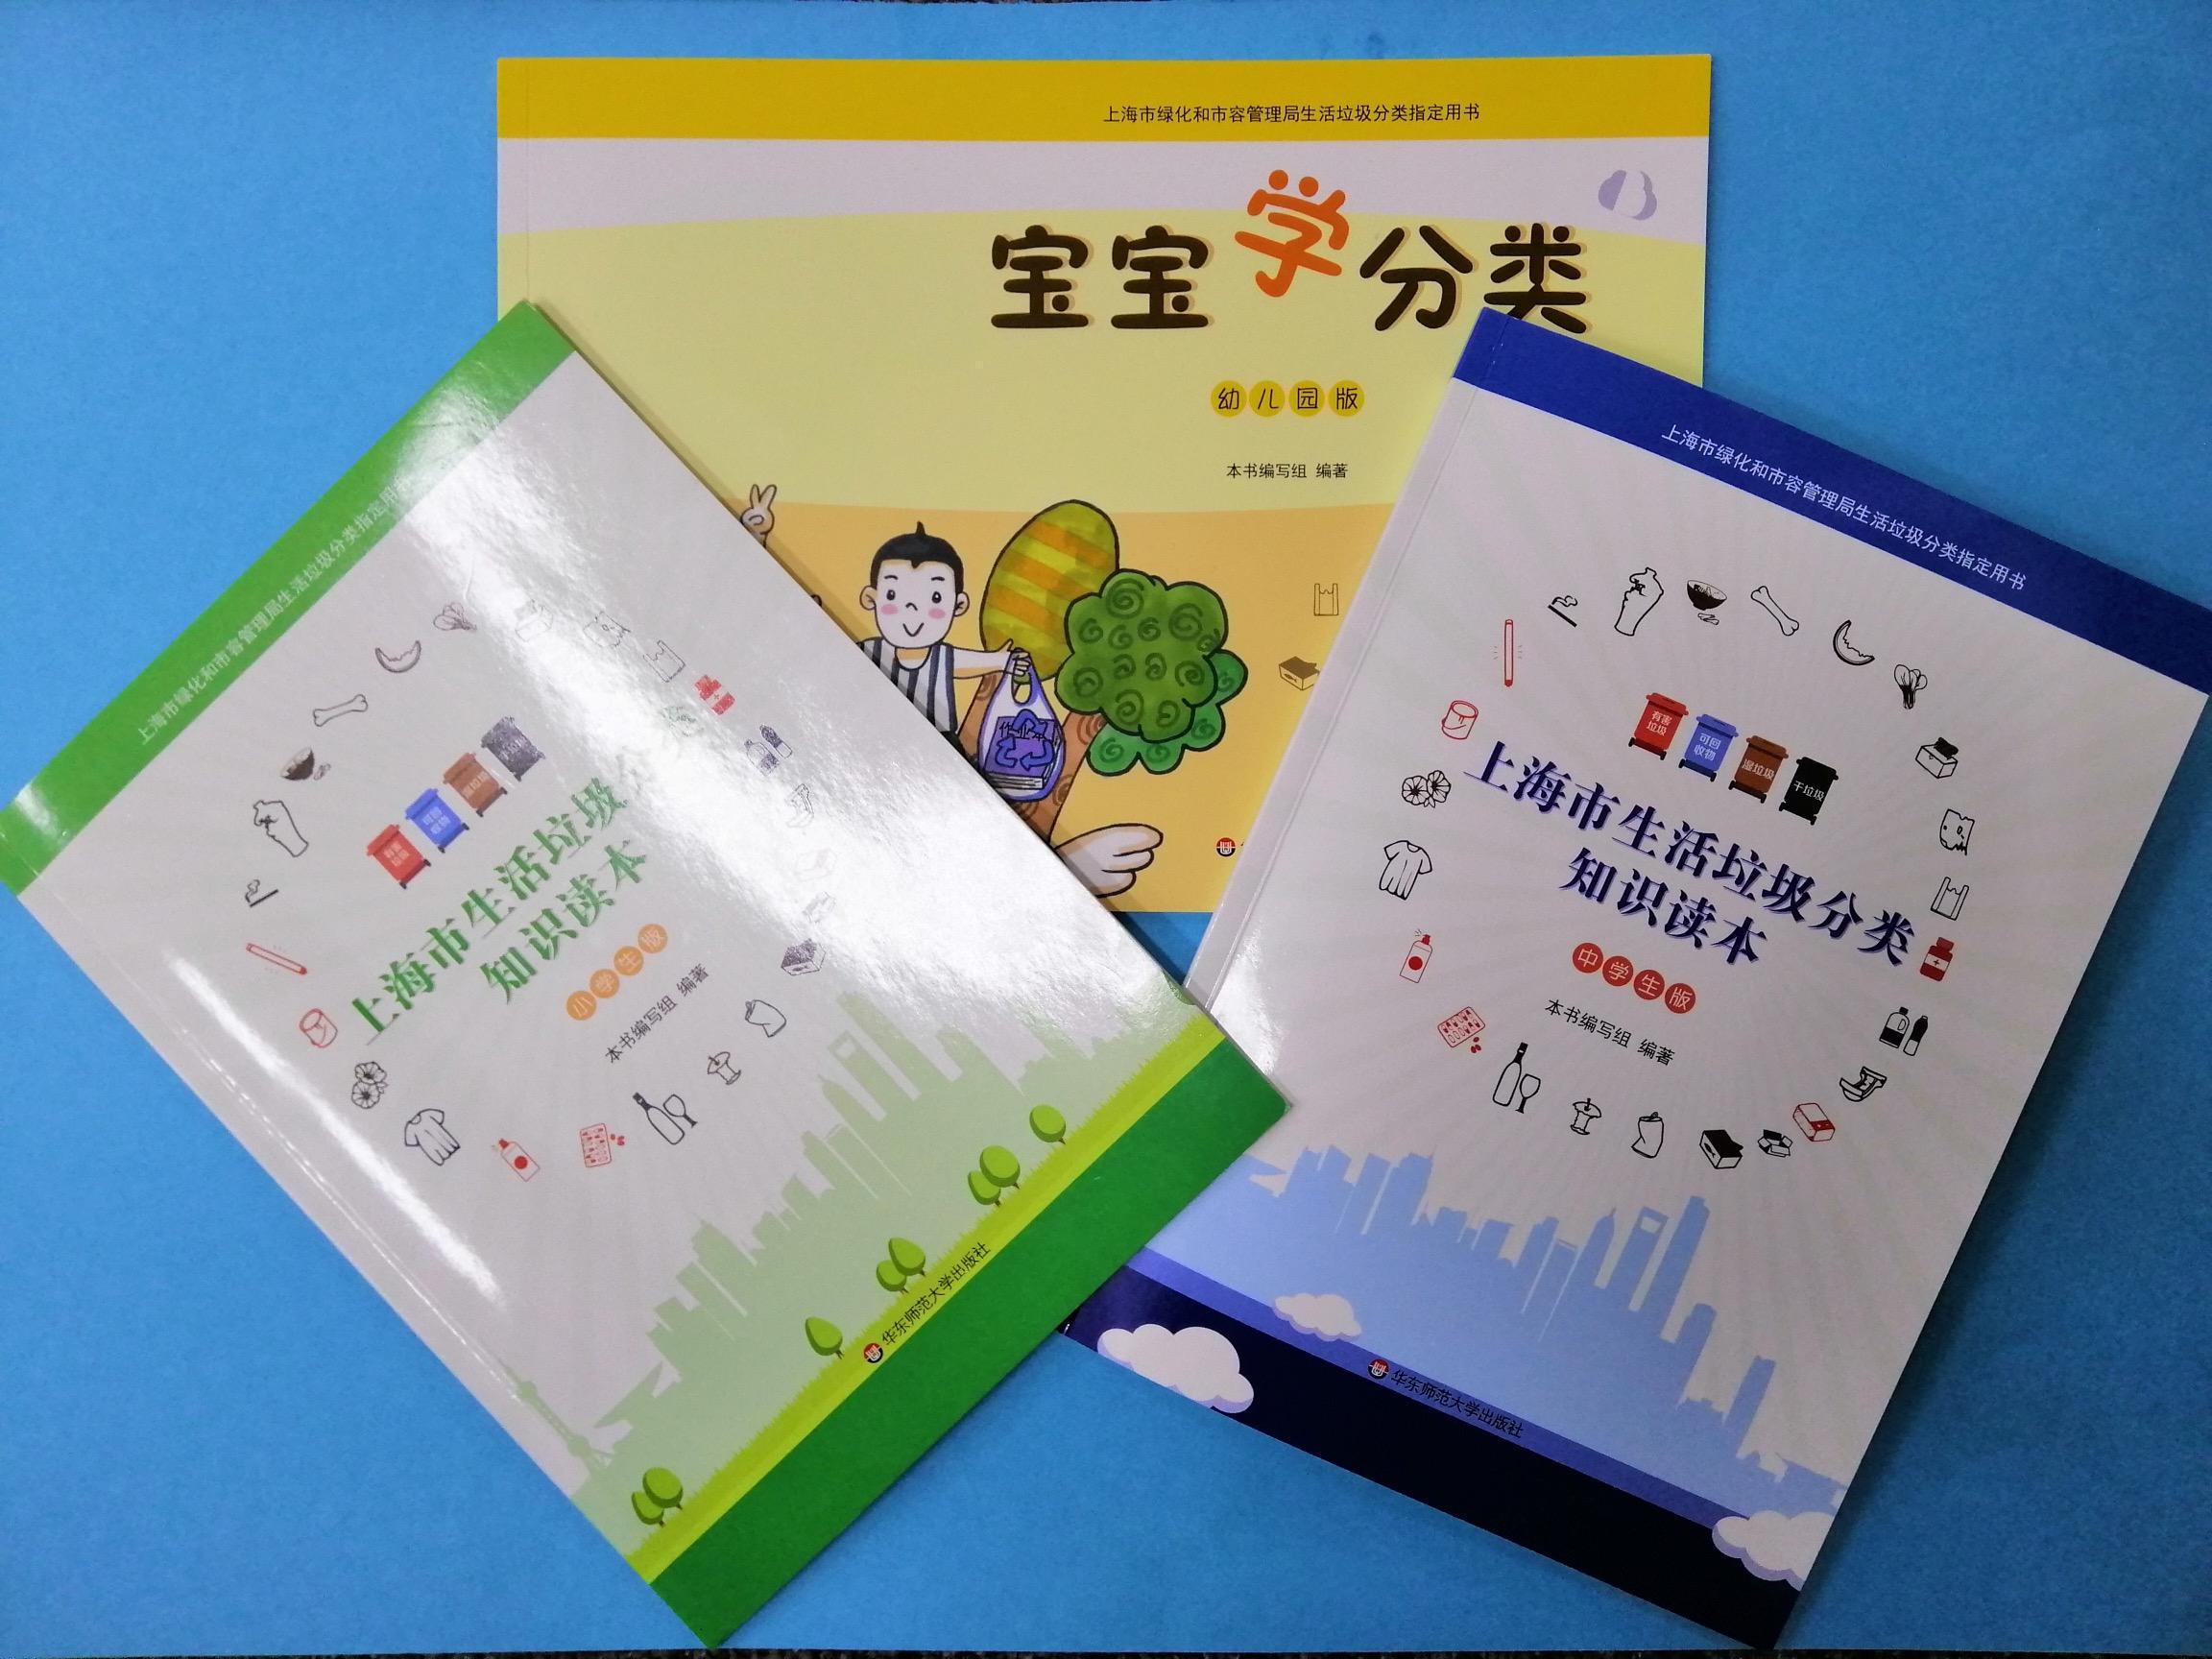 垃圾分类怎么做?上海推出首套生活垃圾分类知识读本